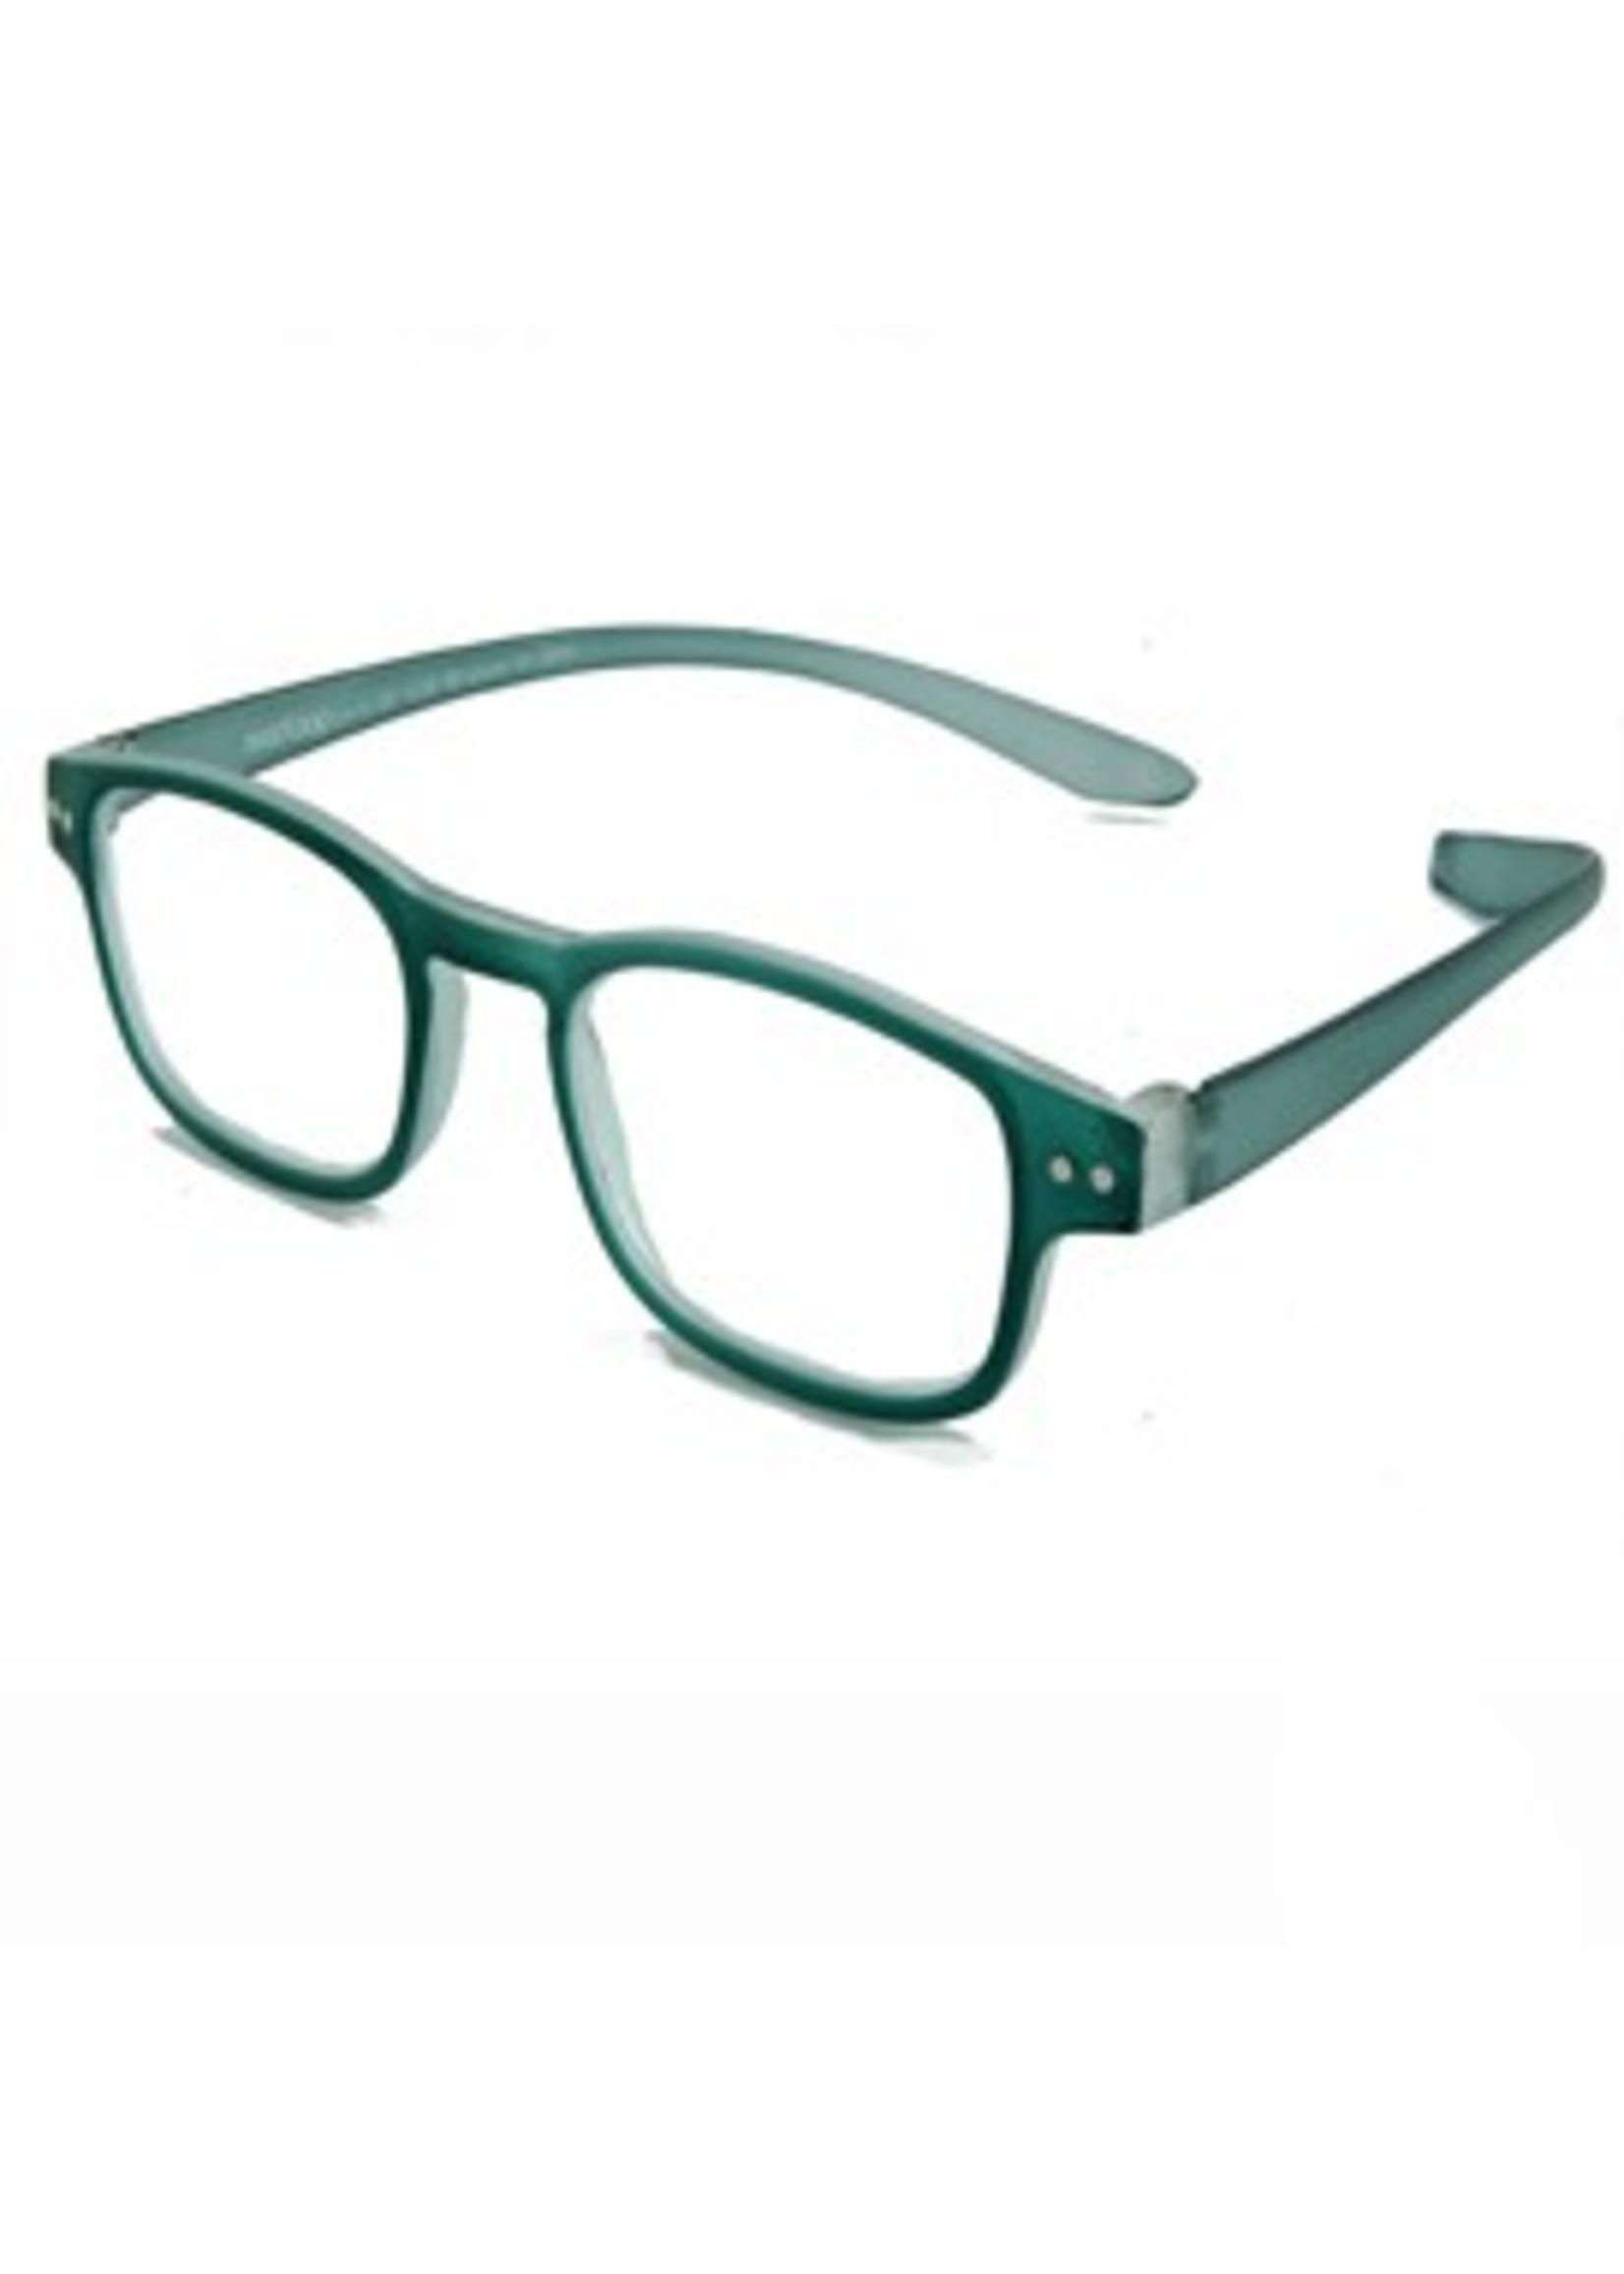 Readloop leesbrillen Leesbril Readloop  Elan in Petrol 2609-03